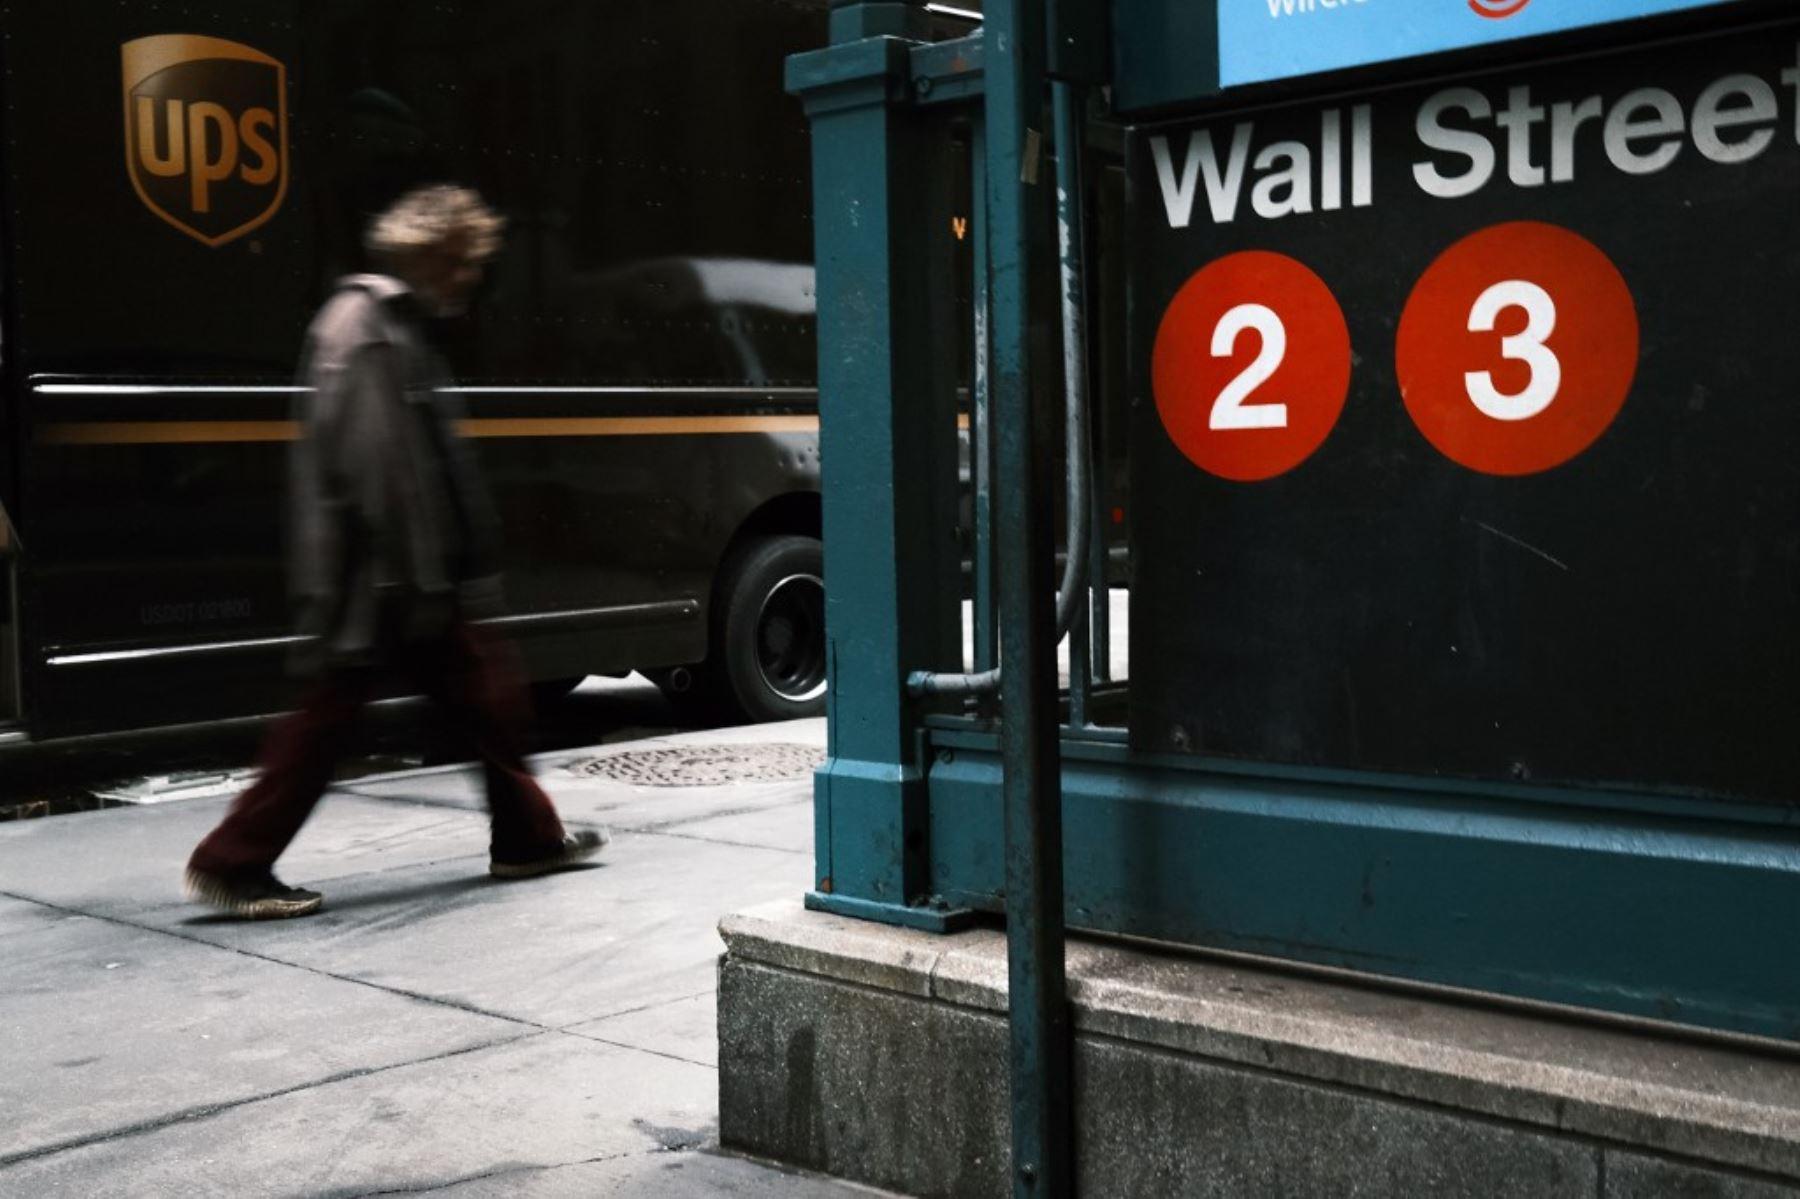 La gente camina por Wall Street en el distrito financiero de Manhattan el 28 de octubre de 2020 en la ciudad de Nueva York. Foto: AFP